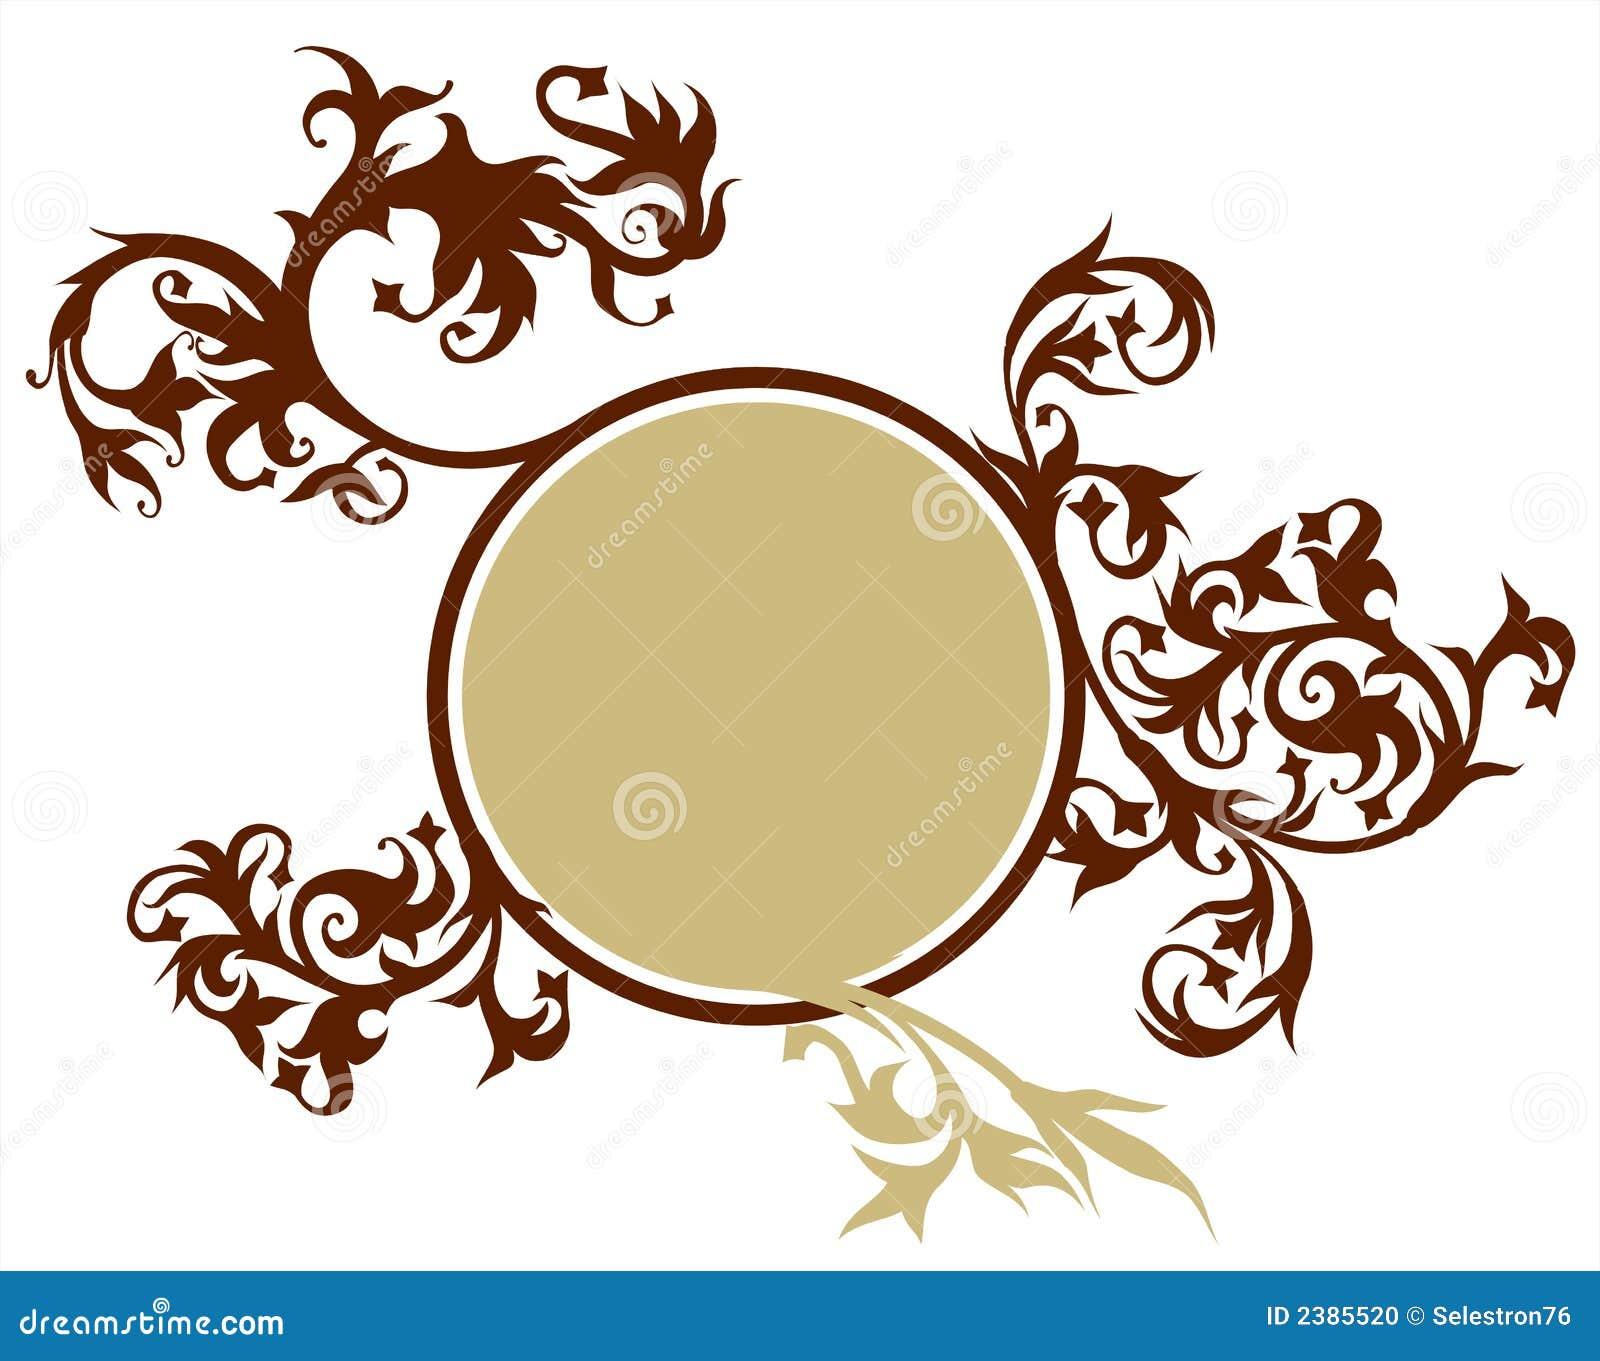 Calligraphy flowers vignette stock vector illustration